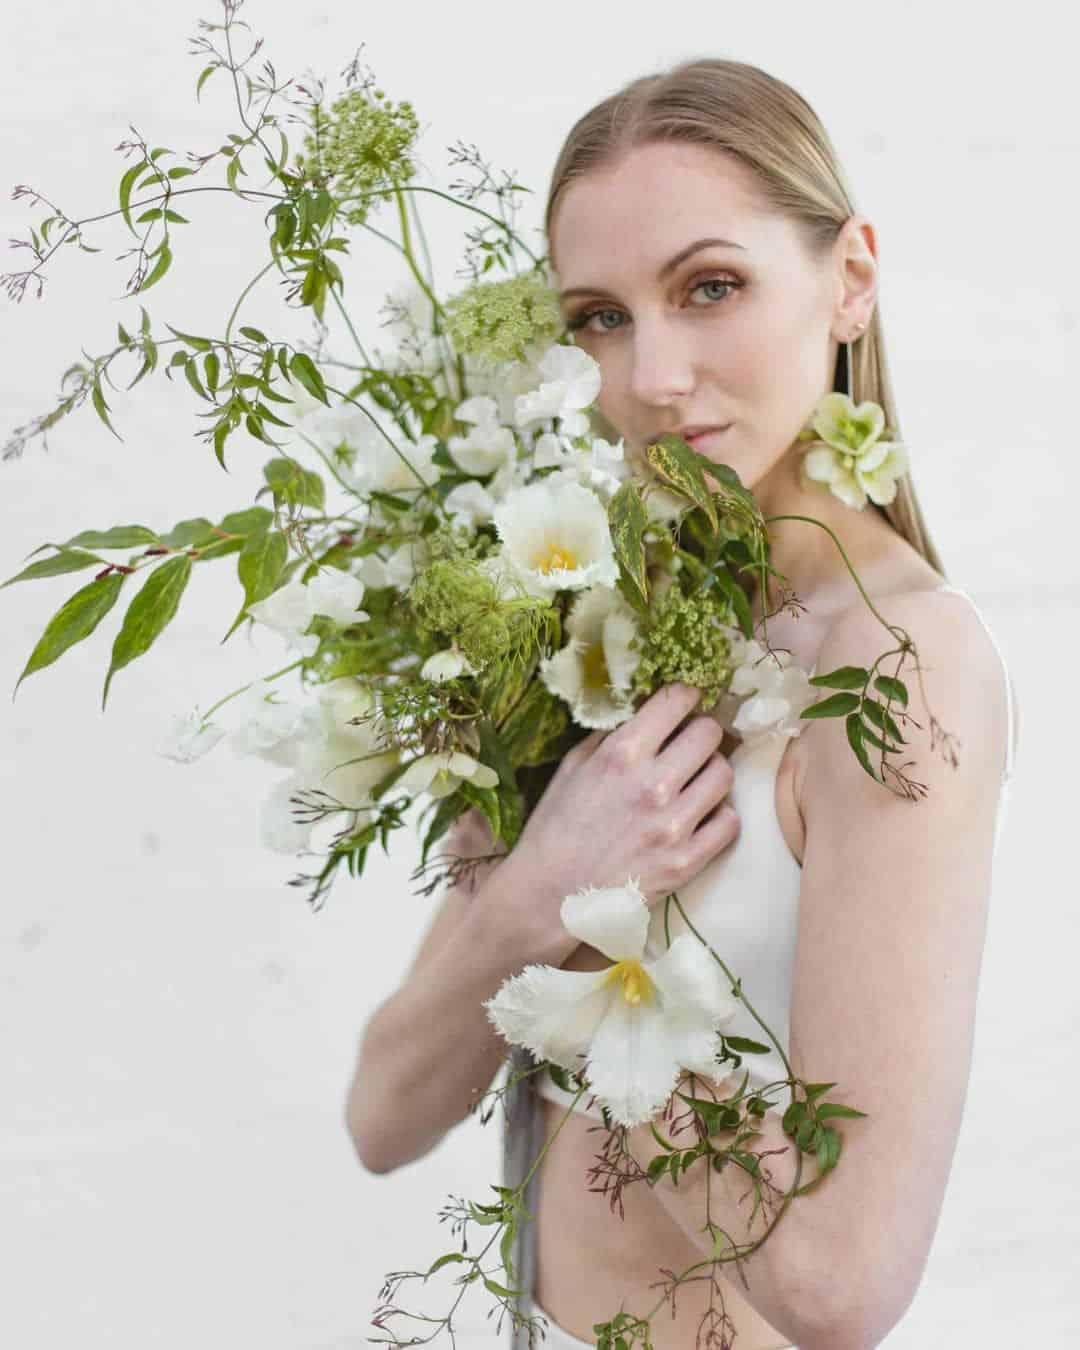 γαμήλια ανθοδέσμη με πρασινάδα και matilija poppies